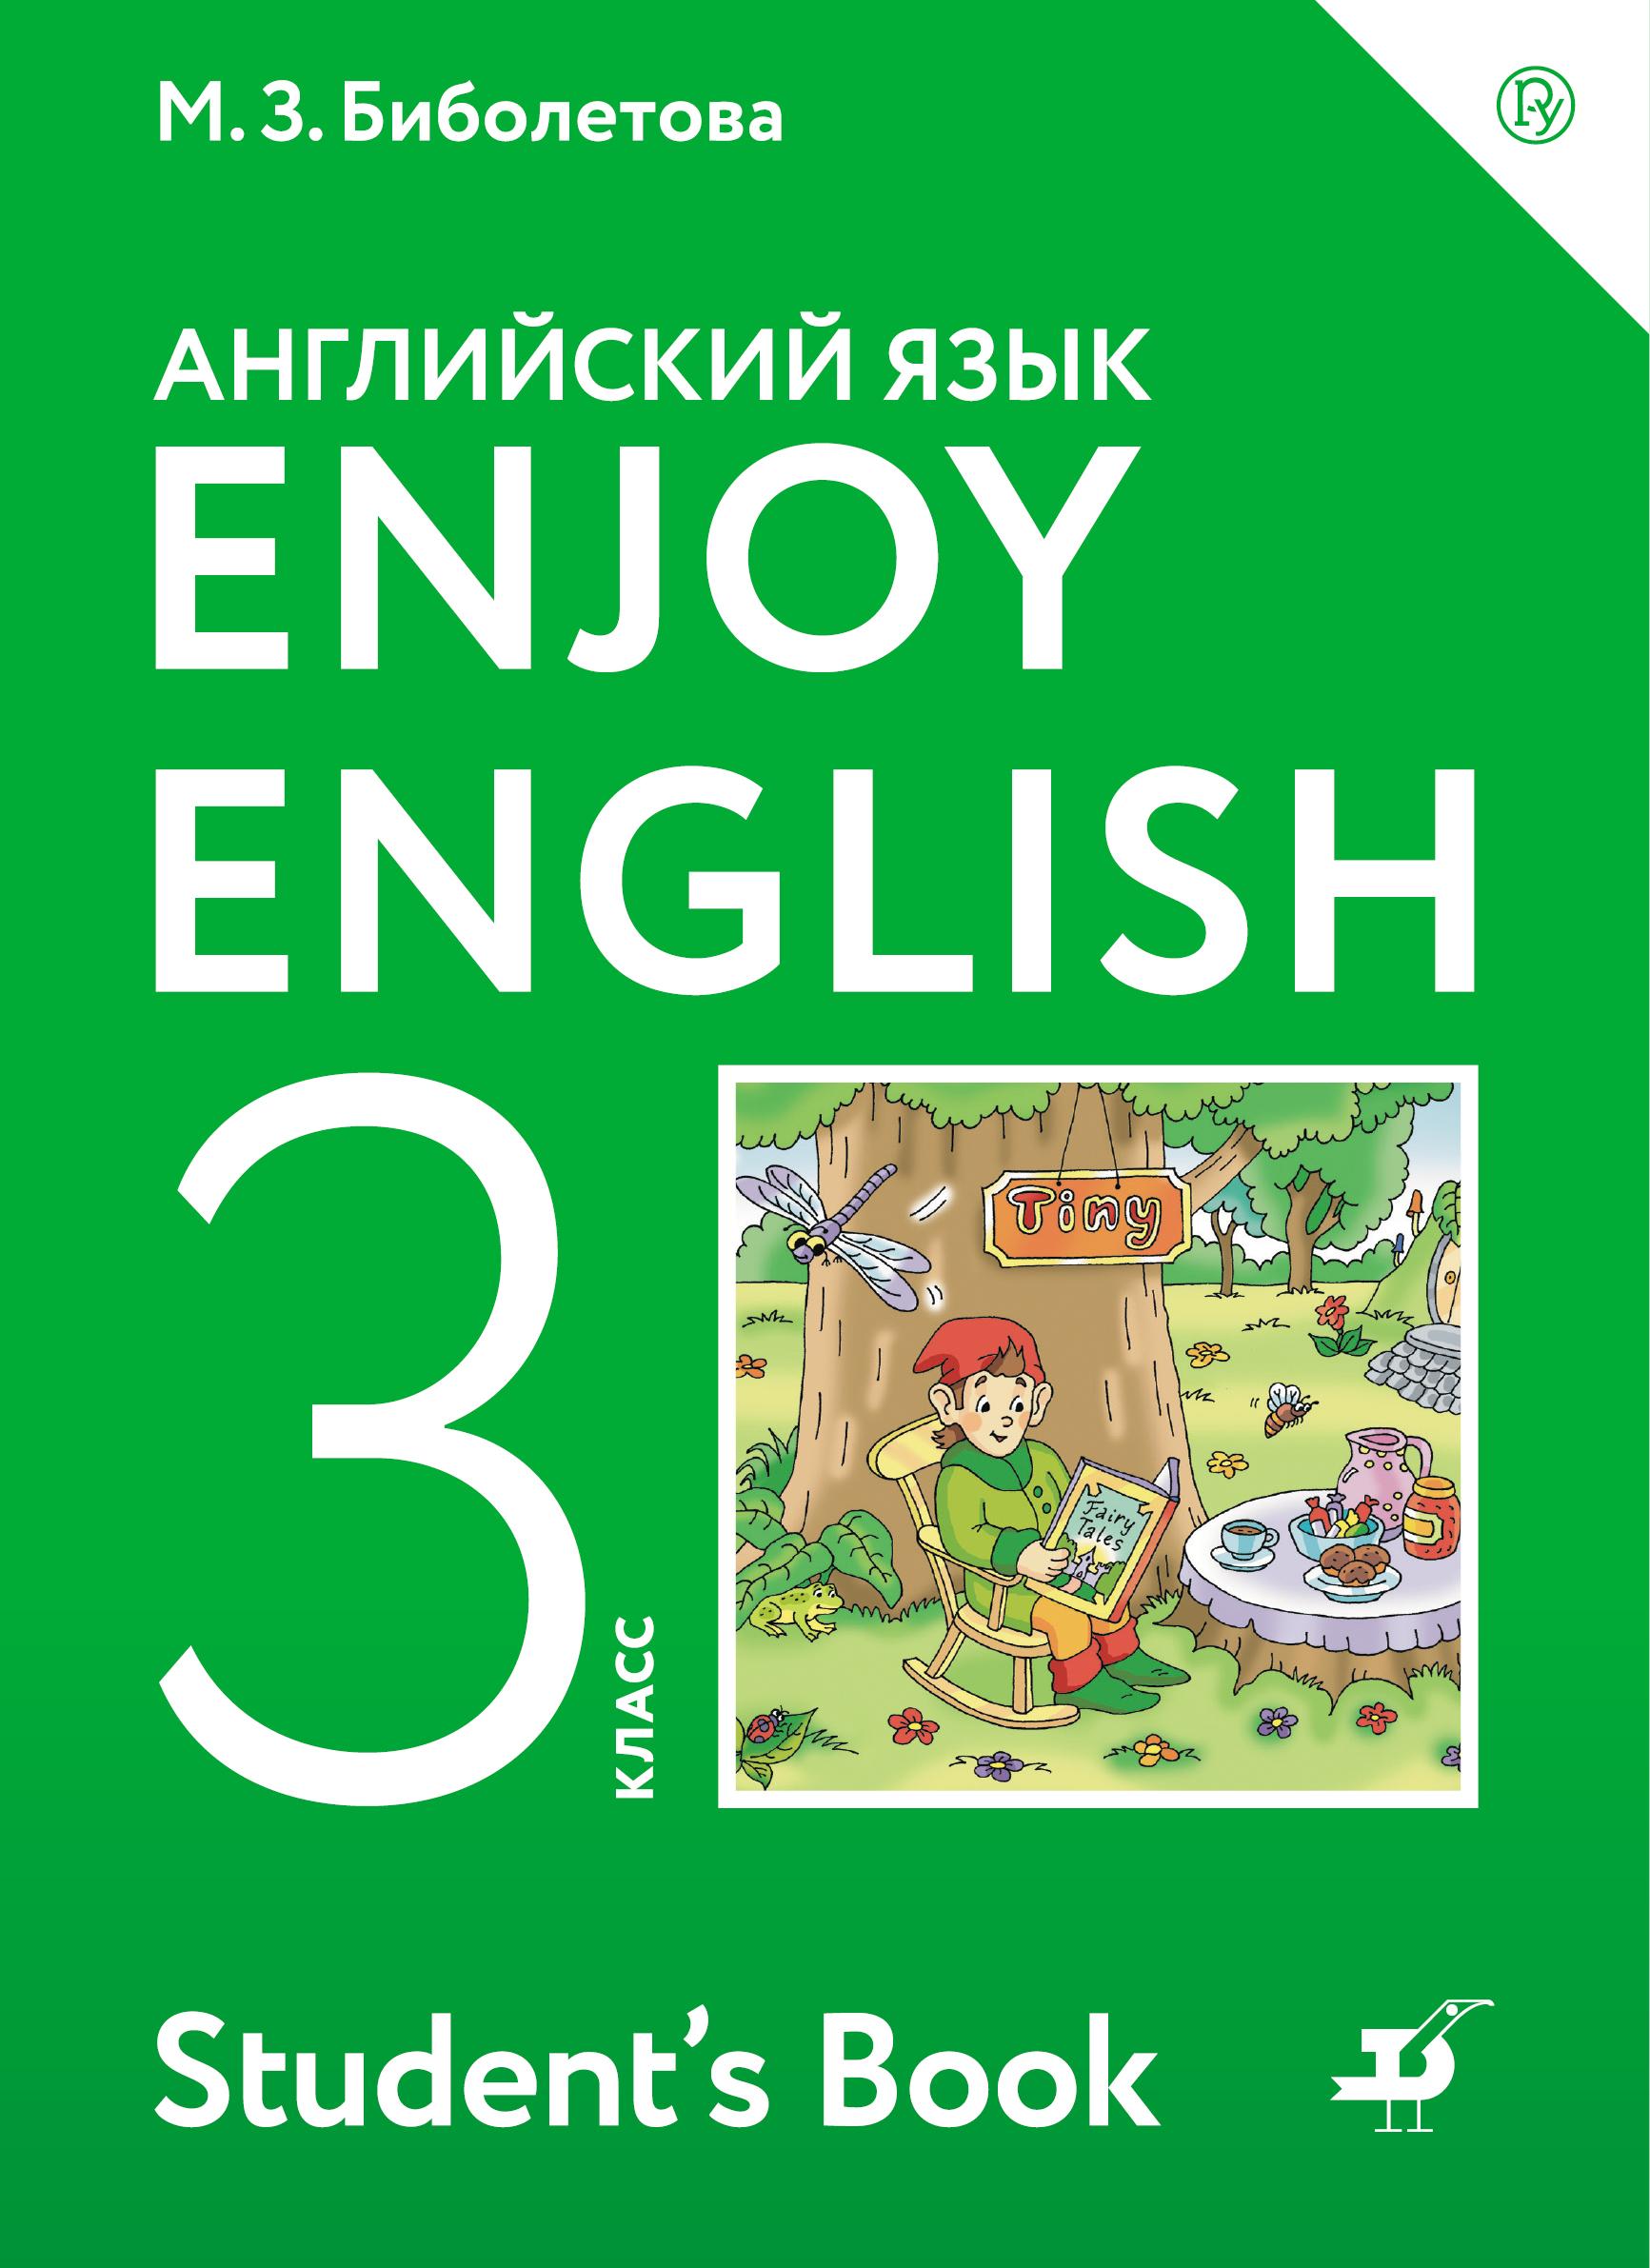 Биболетова М.З. Enjoy English/Английский с удовольствием. 3 класс. Учебник биболетова м трубанева н enjoy english английский с удовольствием английский язык учебник 8 класс